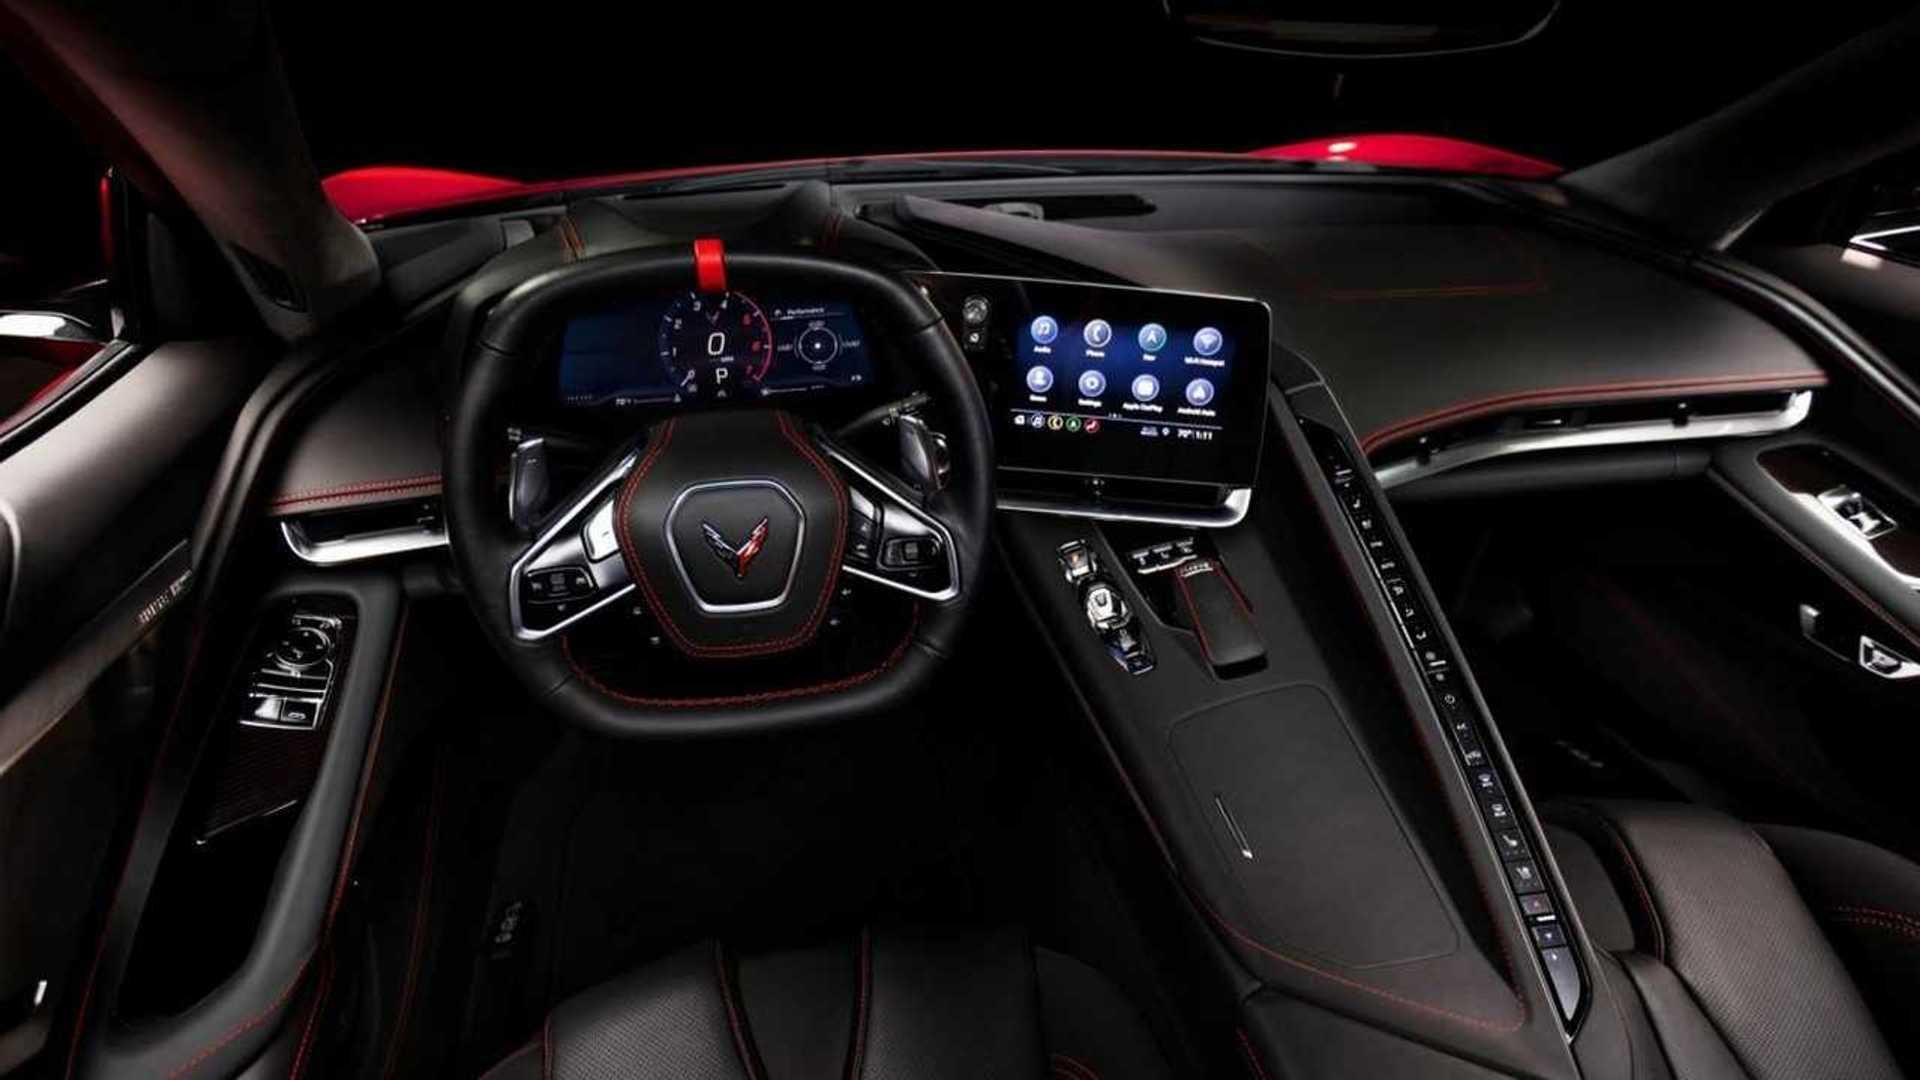 2020 Chevrolet Corvette C8 Interior Allegedly Leaks Online